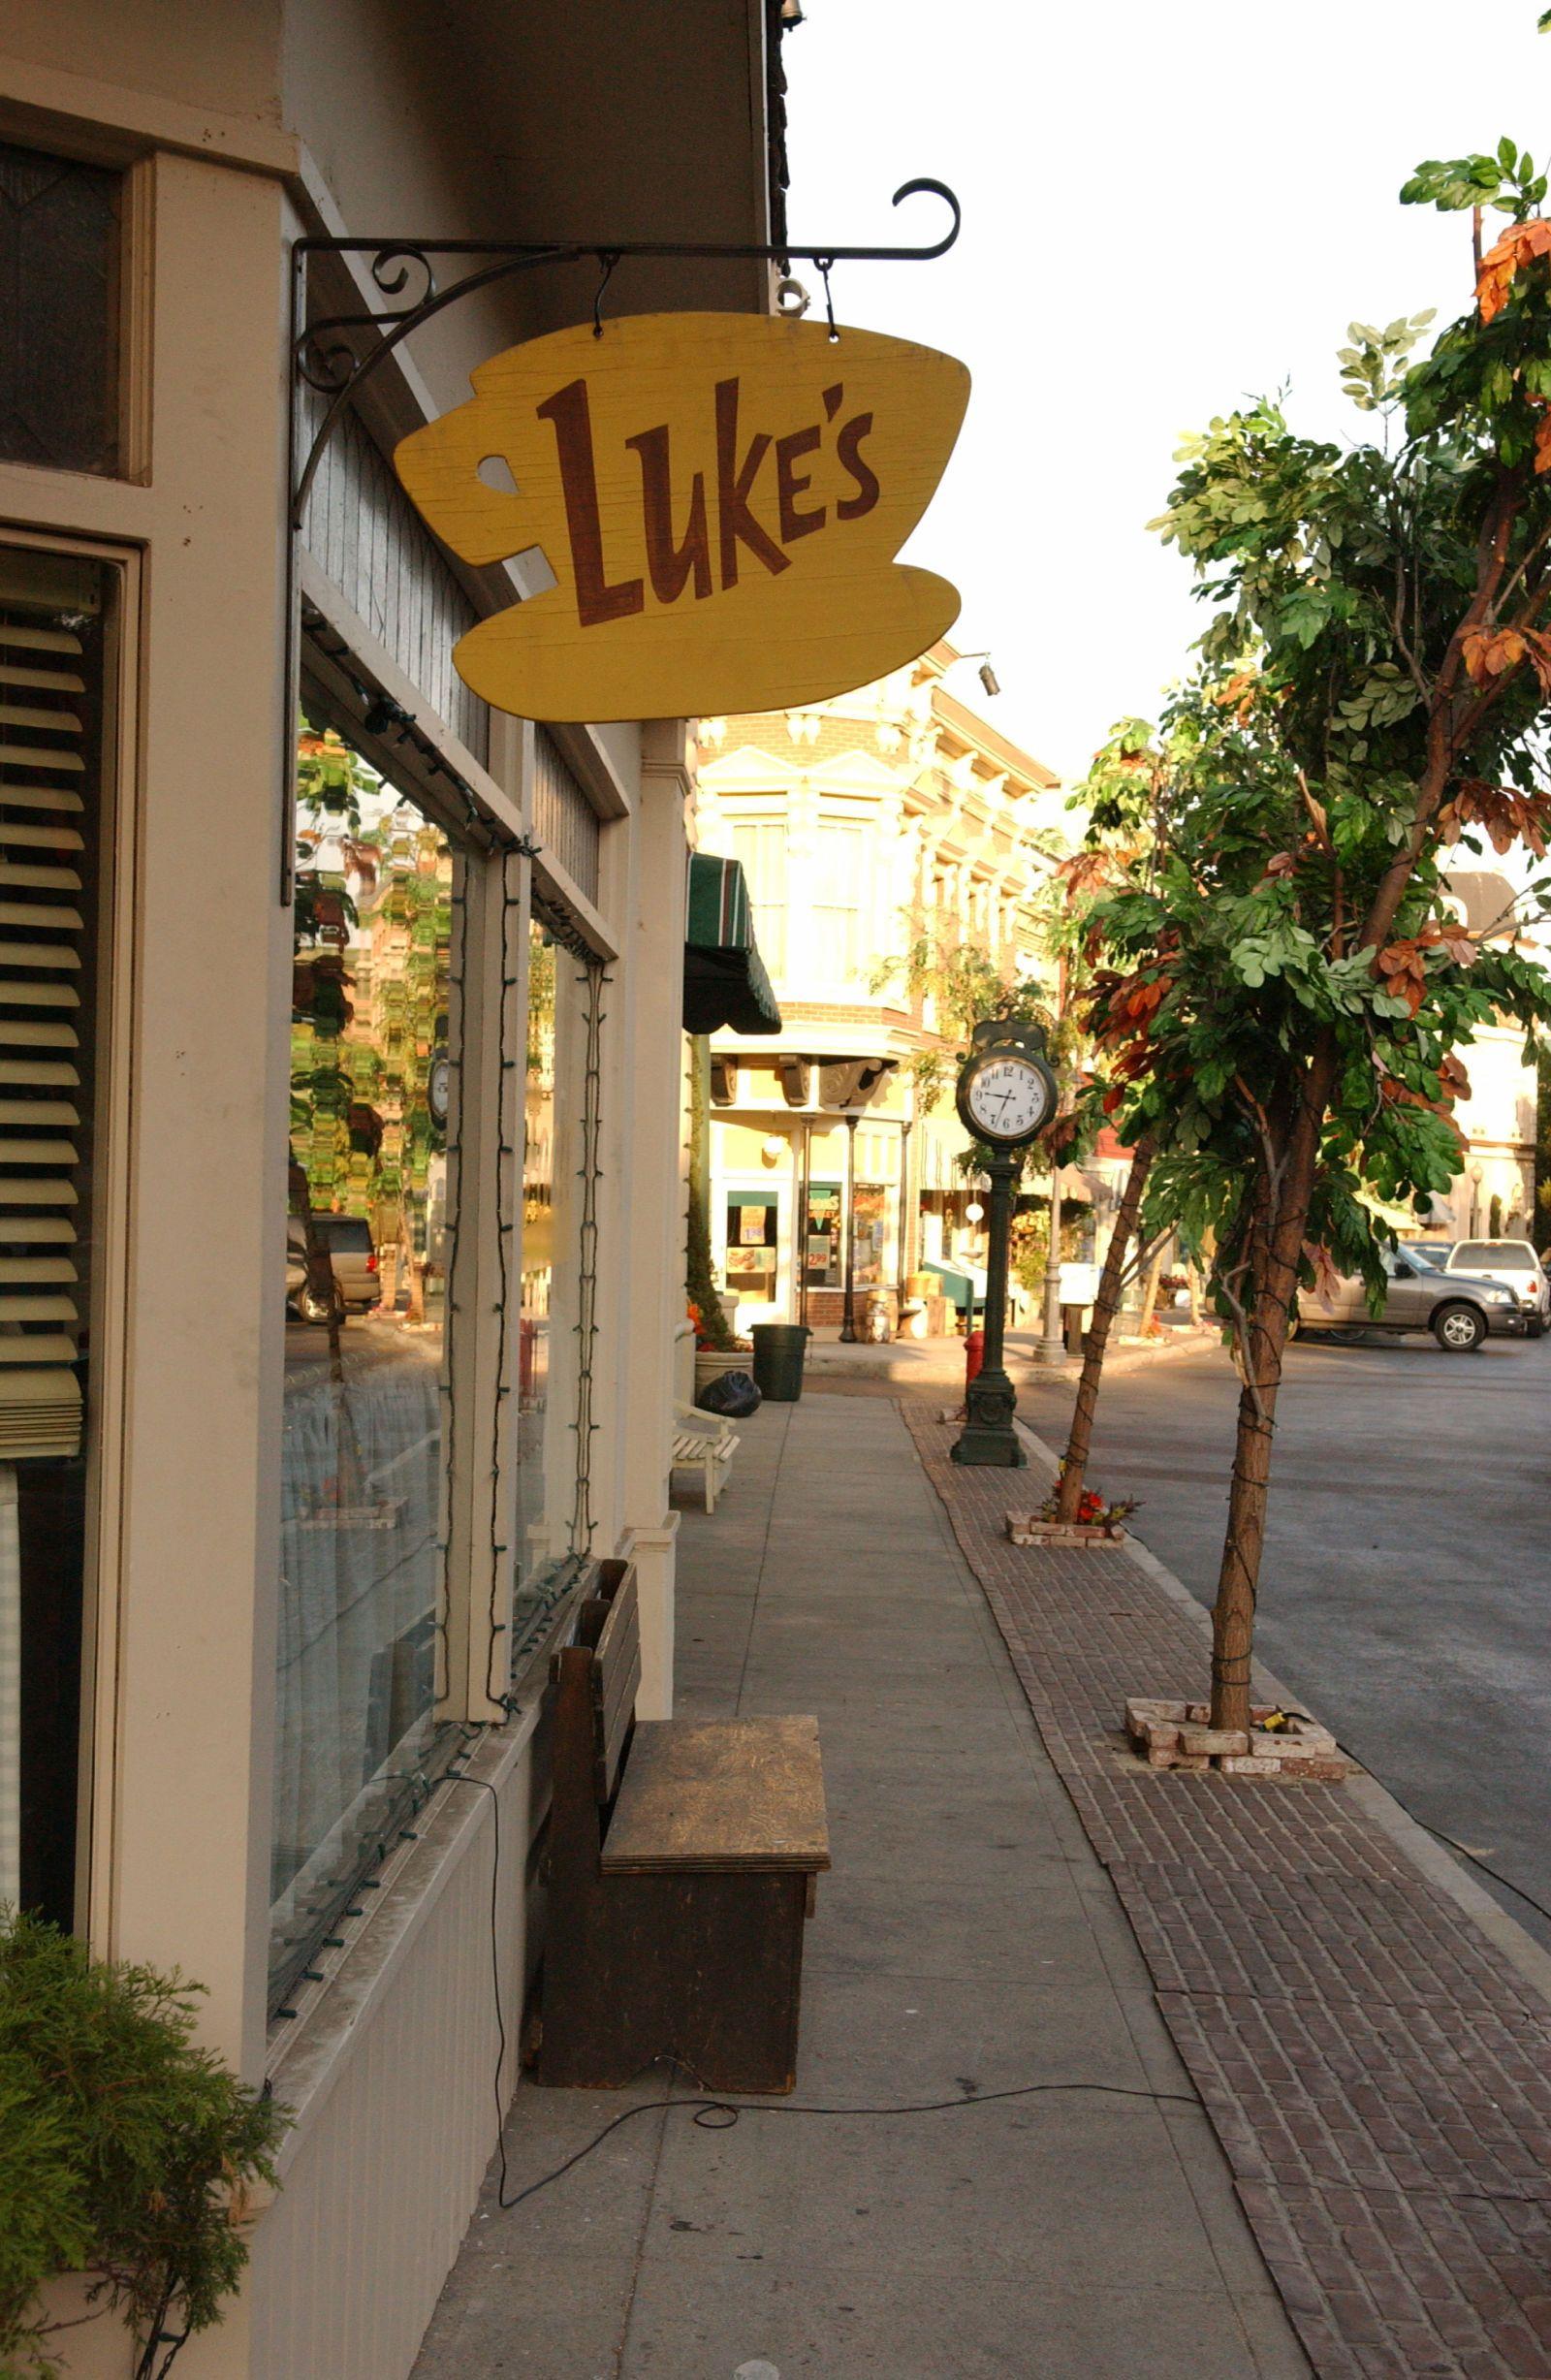 Luke's Diner * Stars Hollow * Gilmore Girls